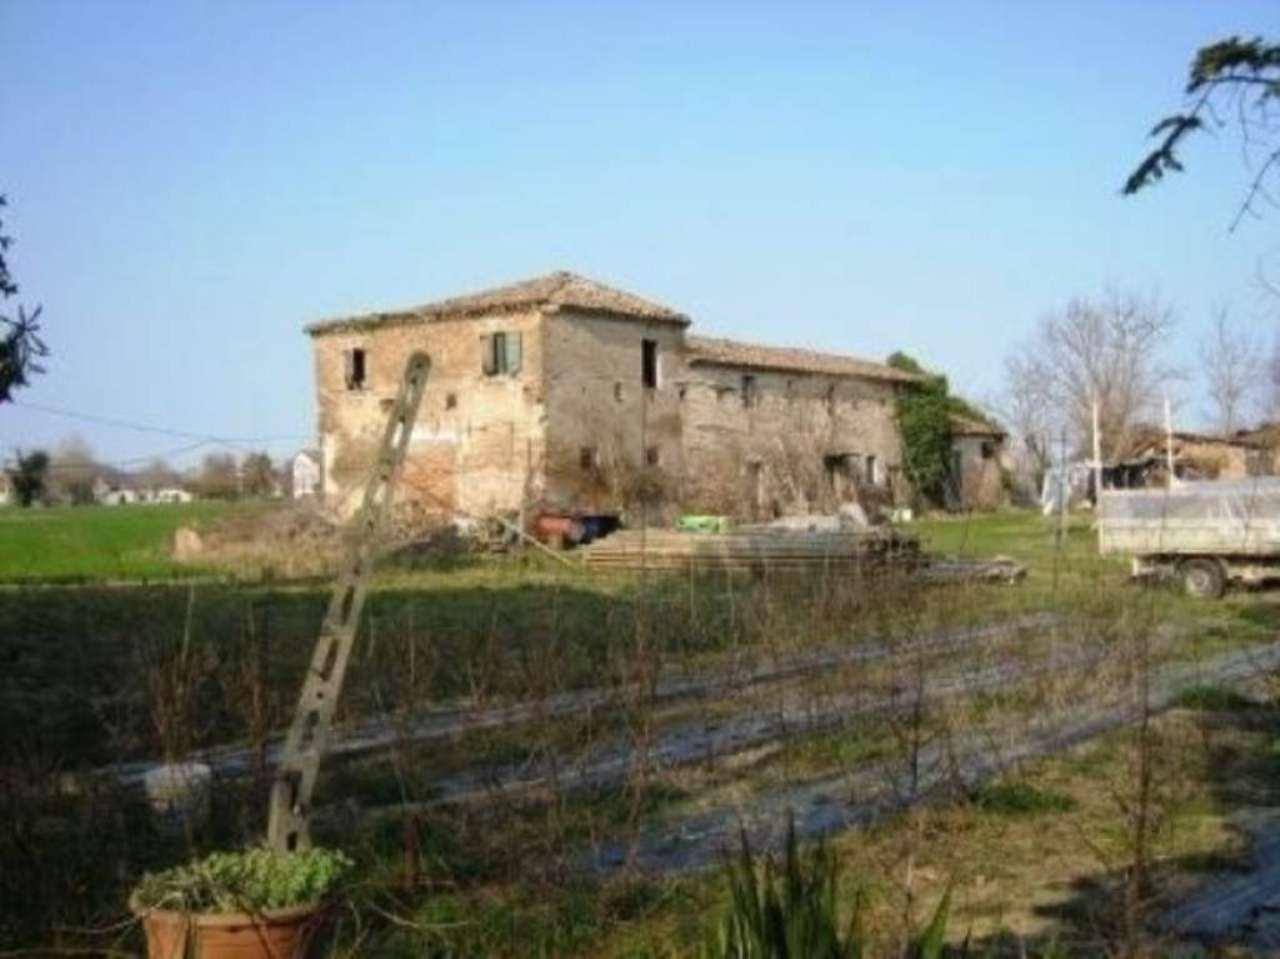 Rustico / Casale in vendita a Cesena, 6 locali, prezzo € 246.000 | Cambio Casa.it